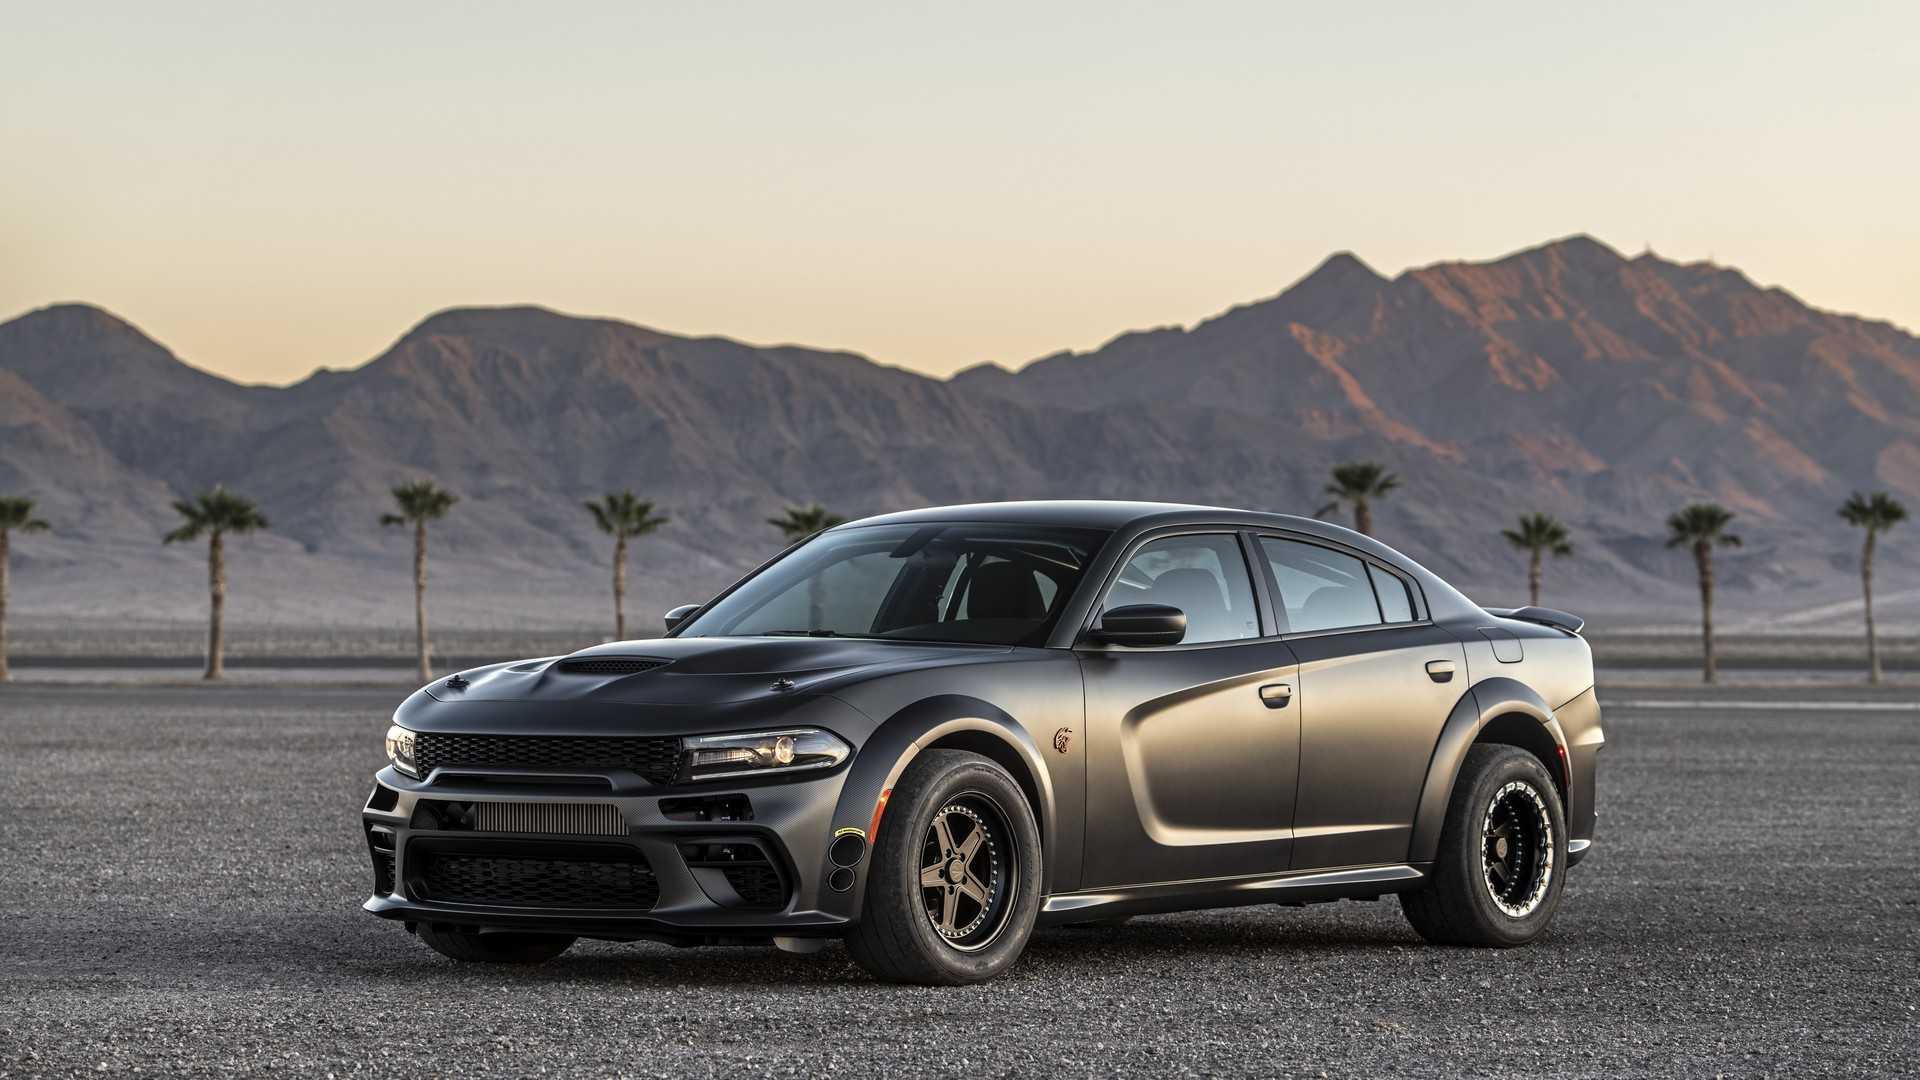 دودج تشارجر معدلة بقوة تضاهي بوجاتي شيرون! SpeedKore-Dodge-Charger-9.jpg